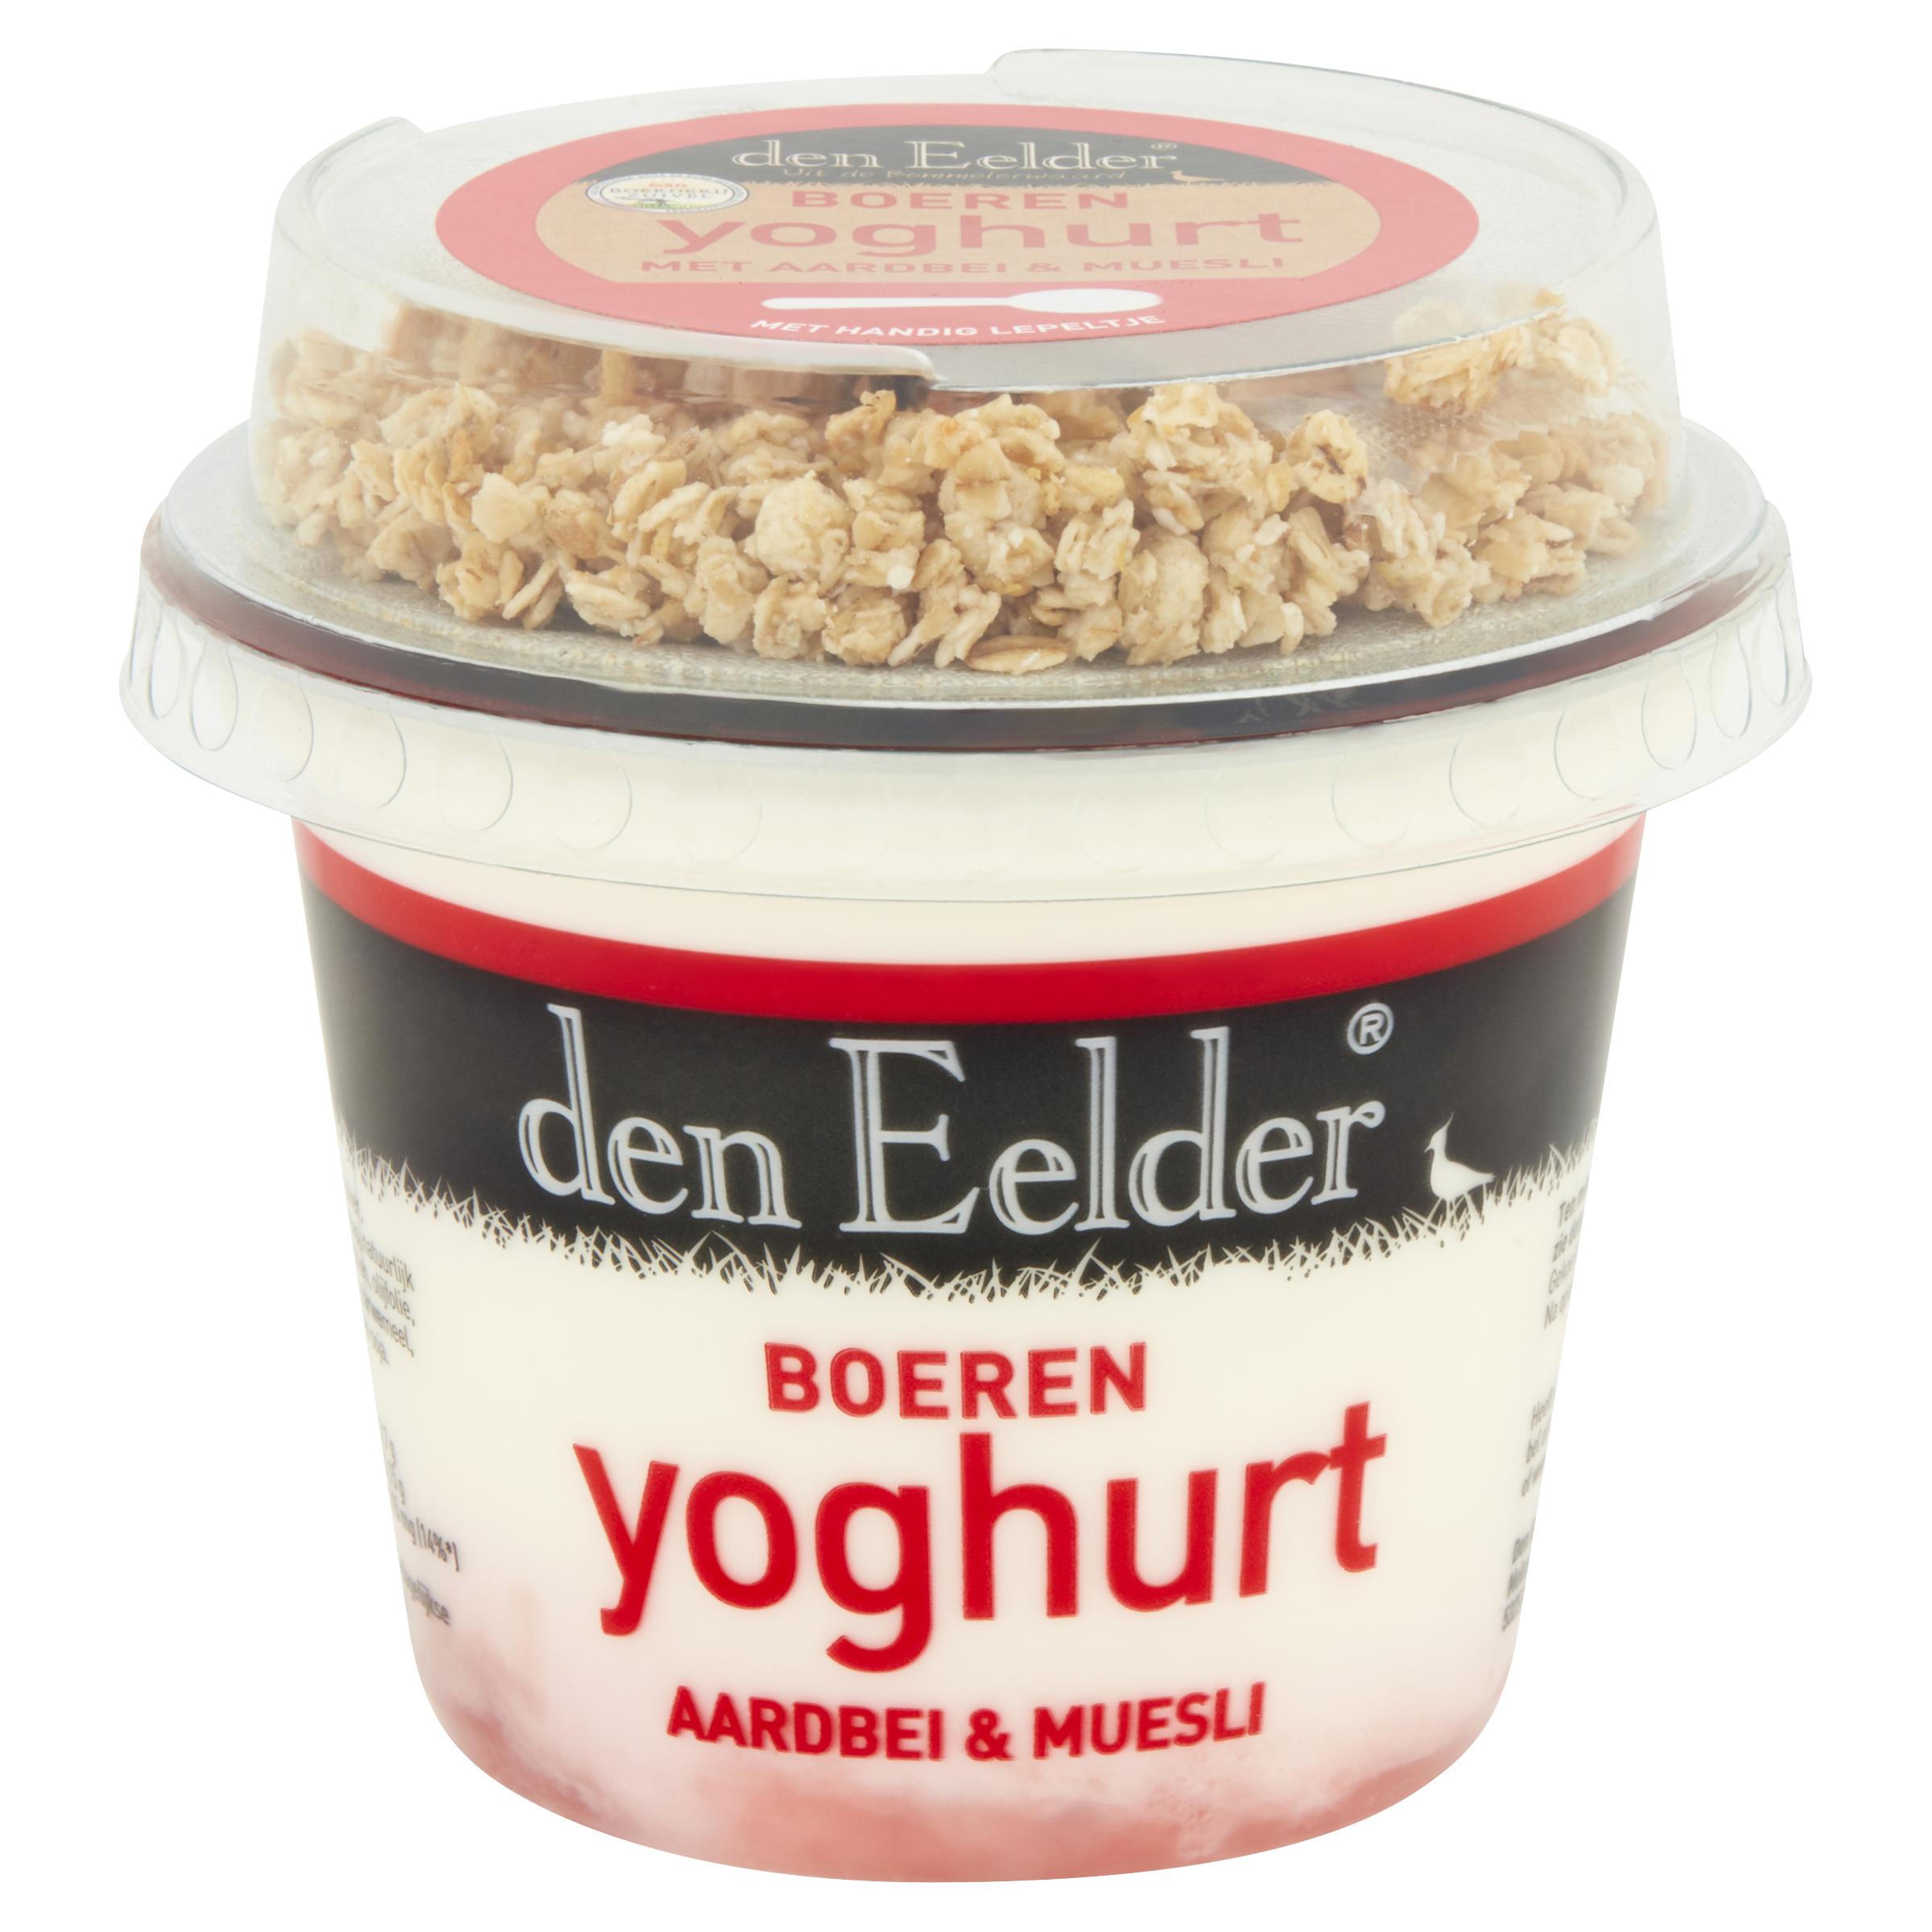 boeren yoghurt met aardbei & muesli